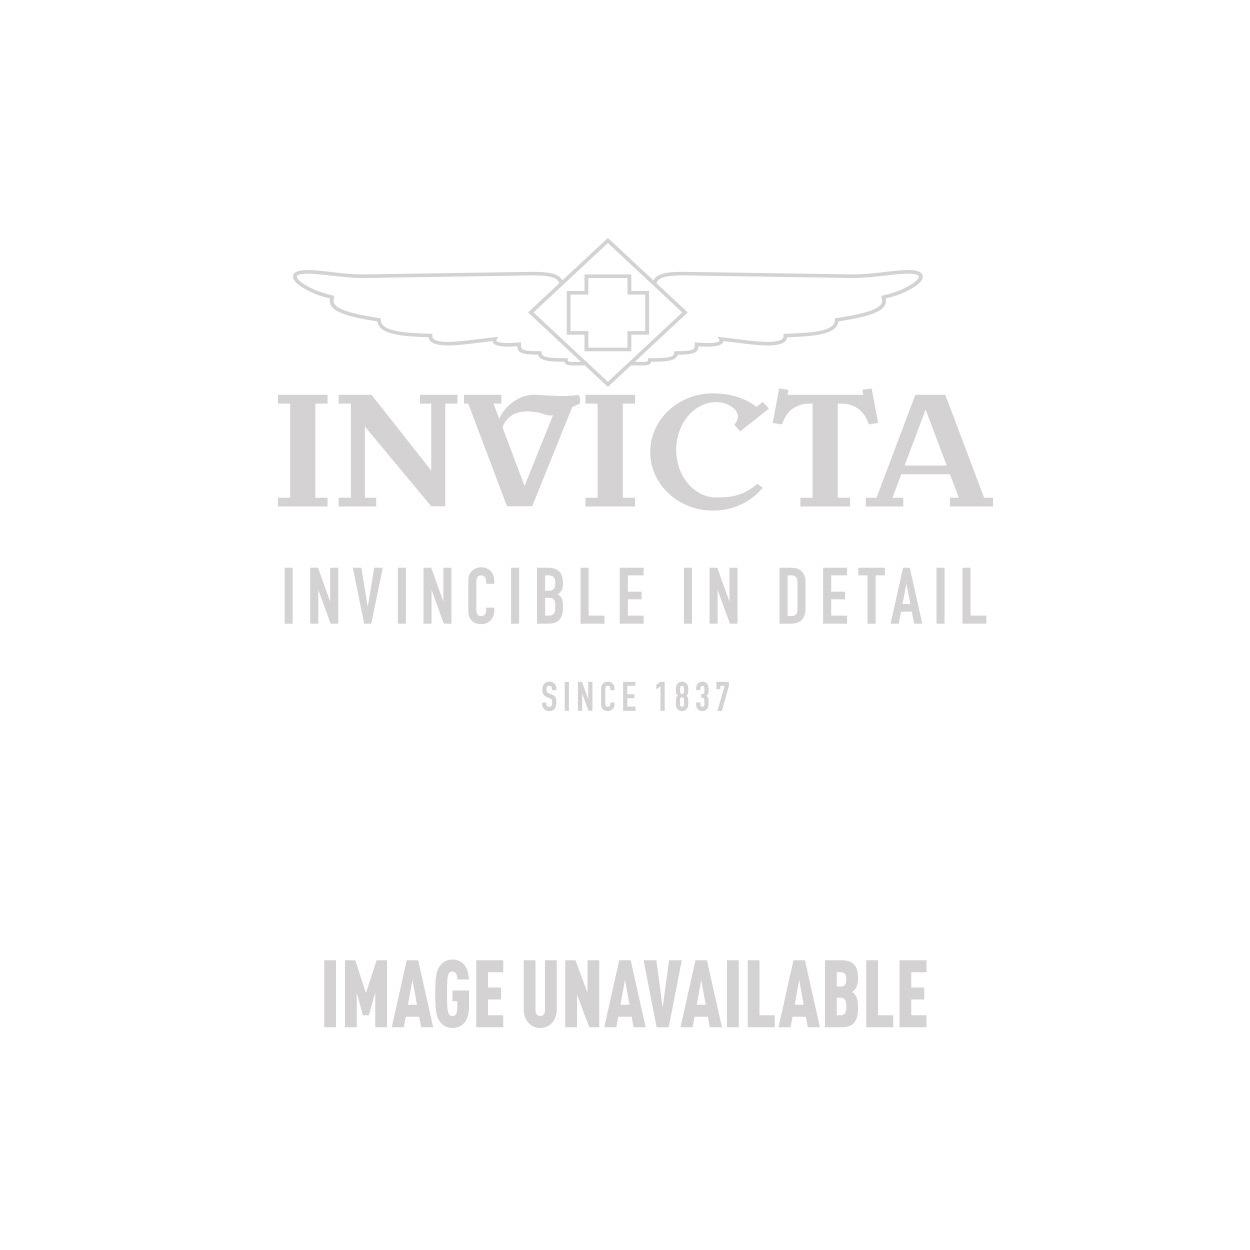 Invicta Model  22116